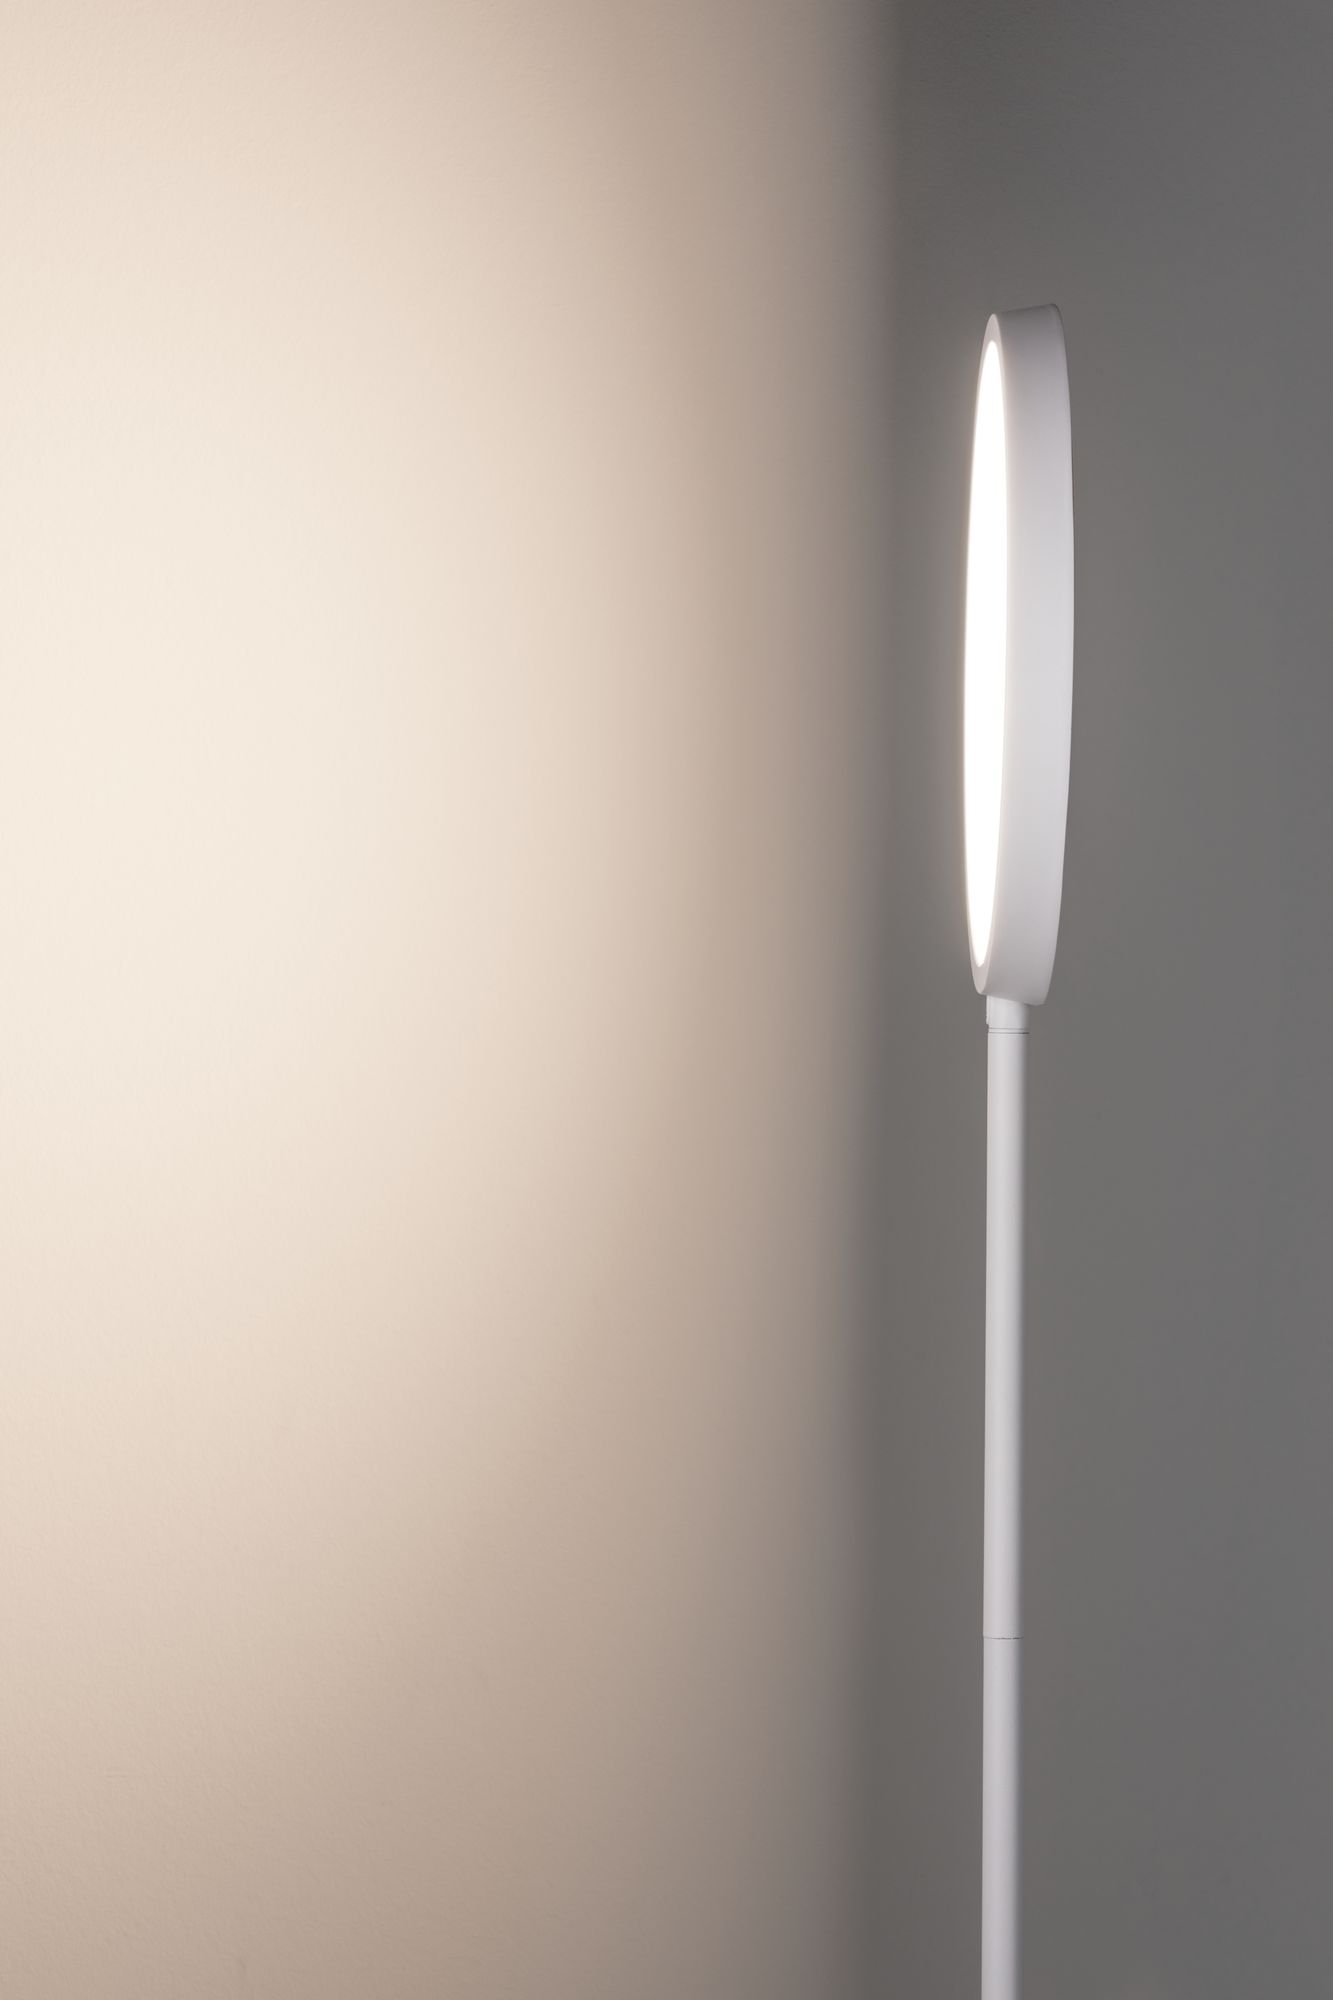 LED Stehleuchte Arik 17W Weiß/Alu gebürstet dimmbar